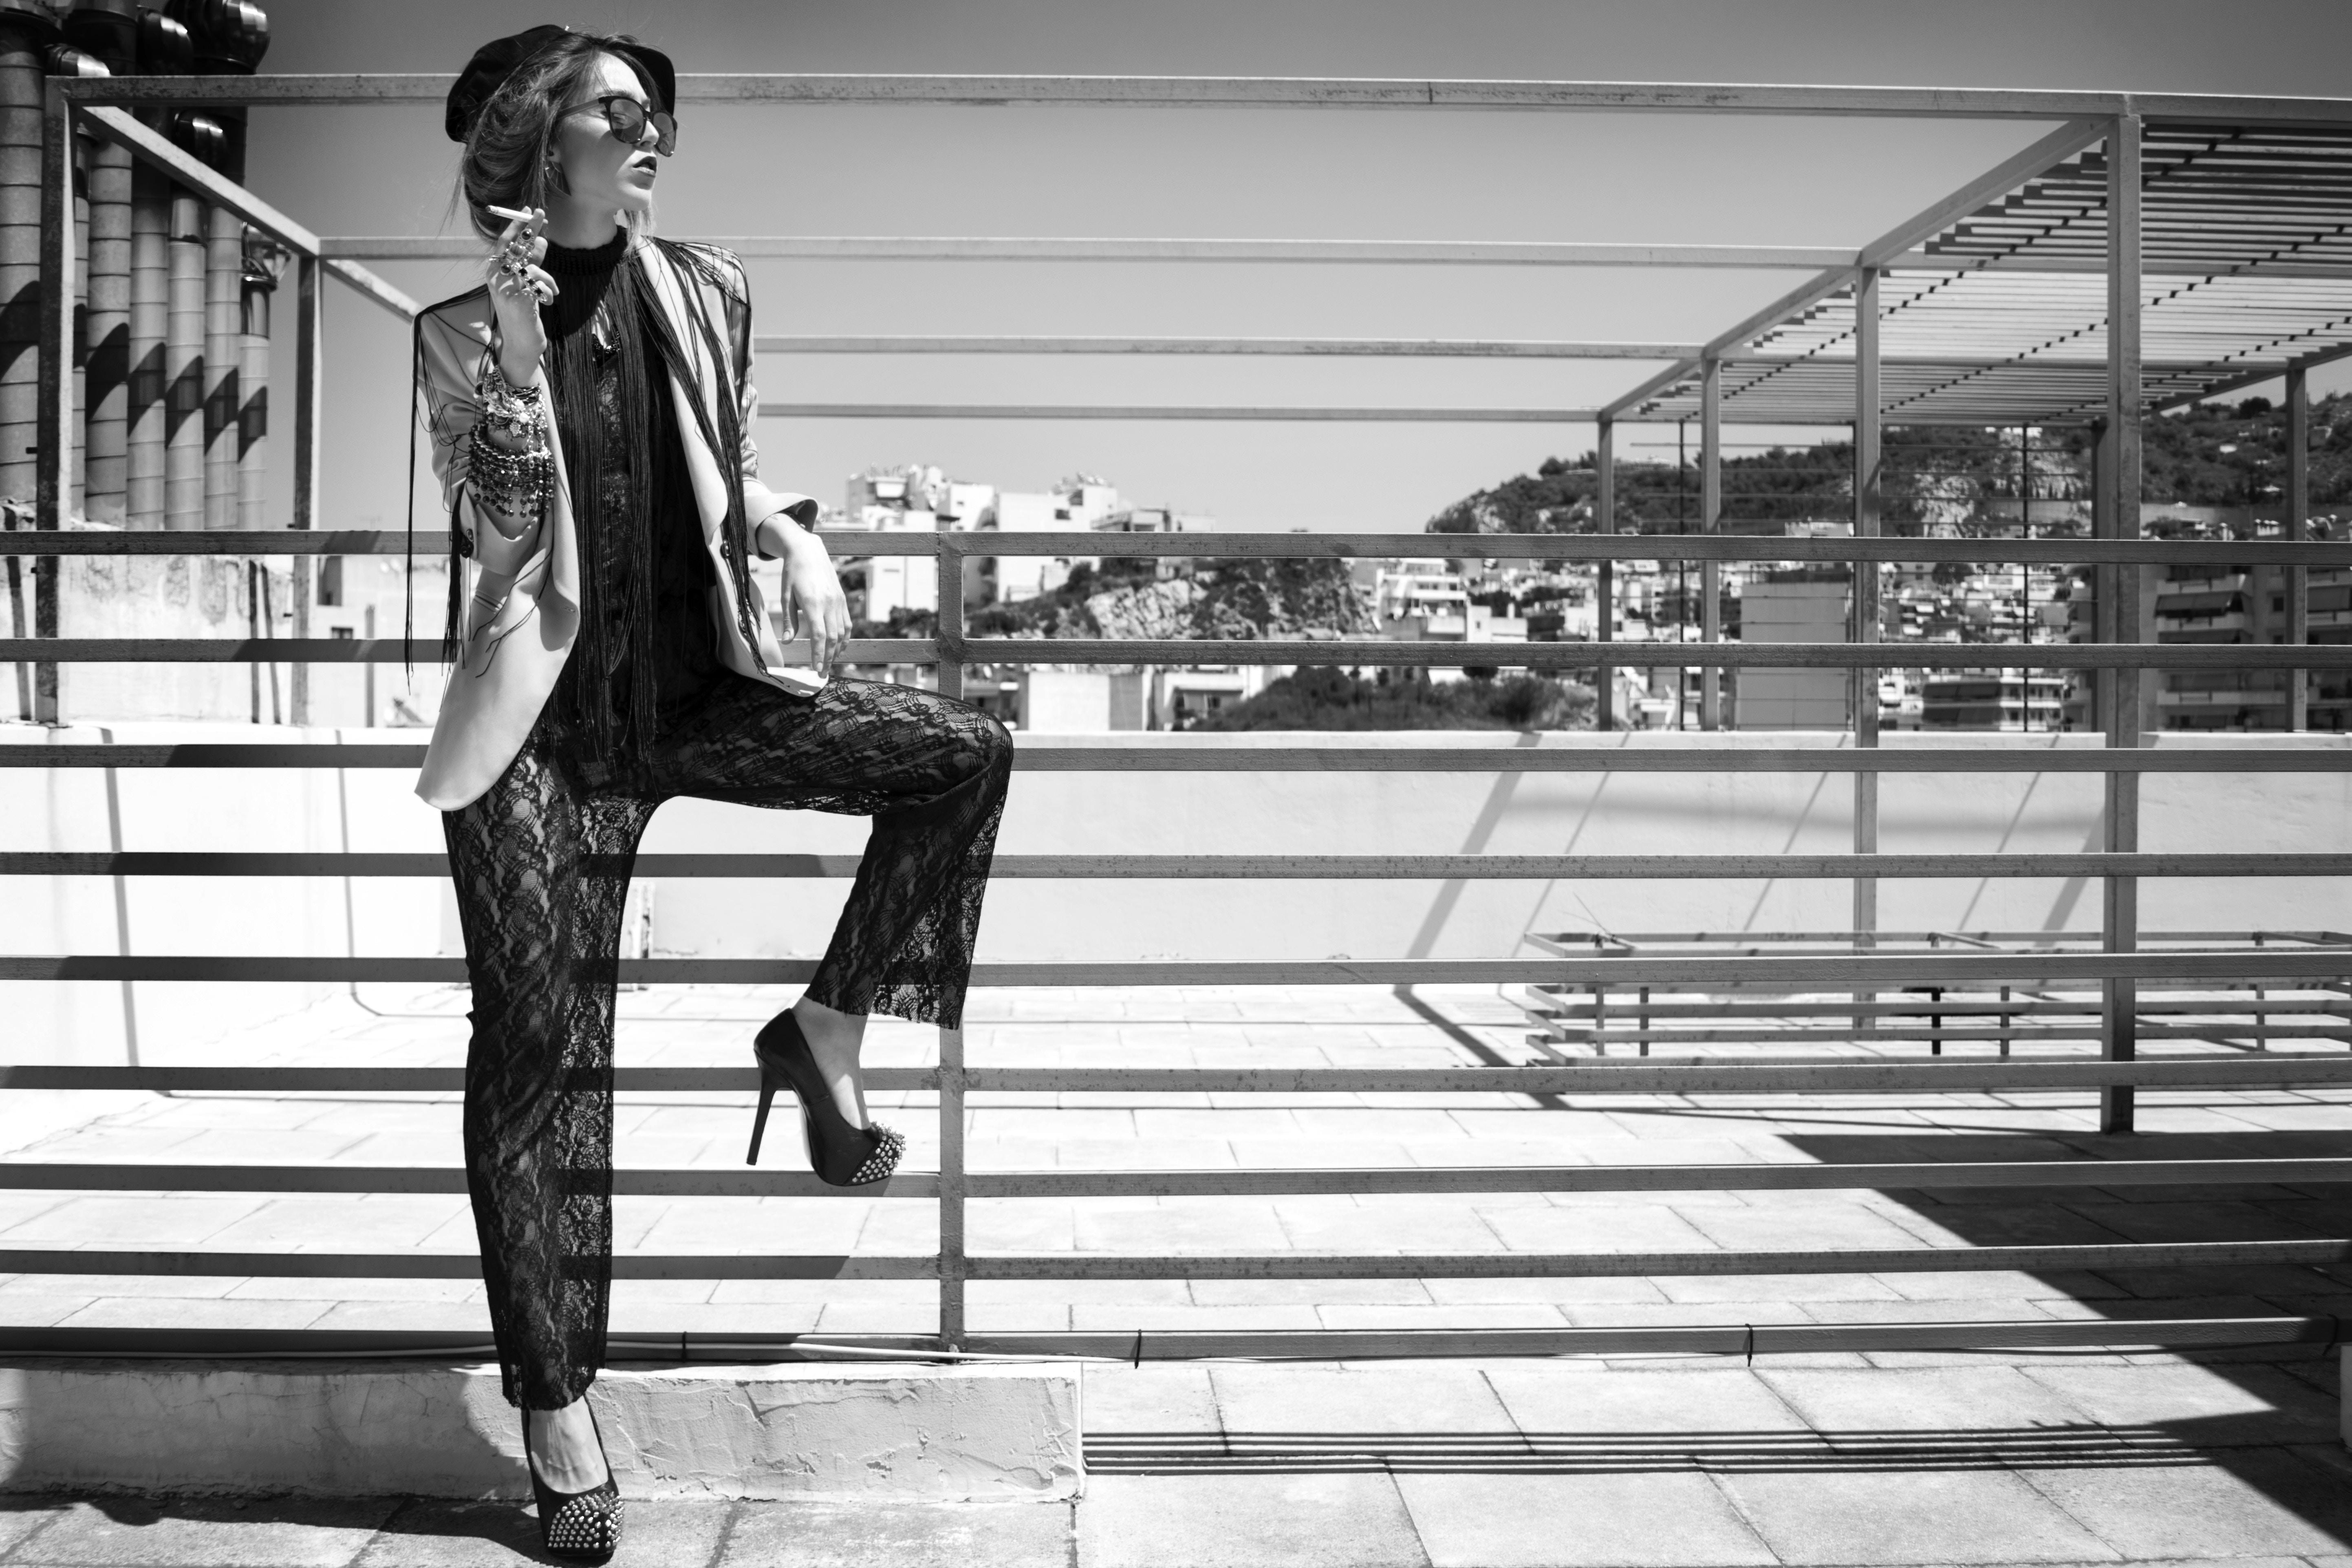 Frauen sind einzigartig und sollten ihren eigenen Modestil finden © jacob nizierski